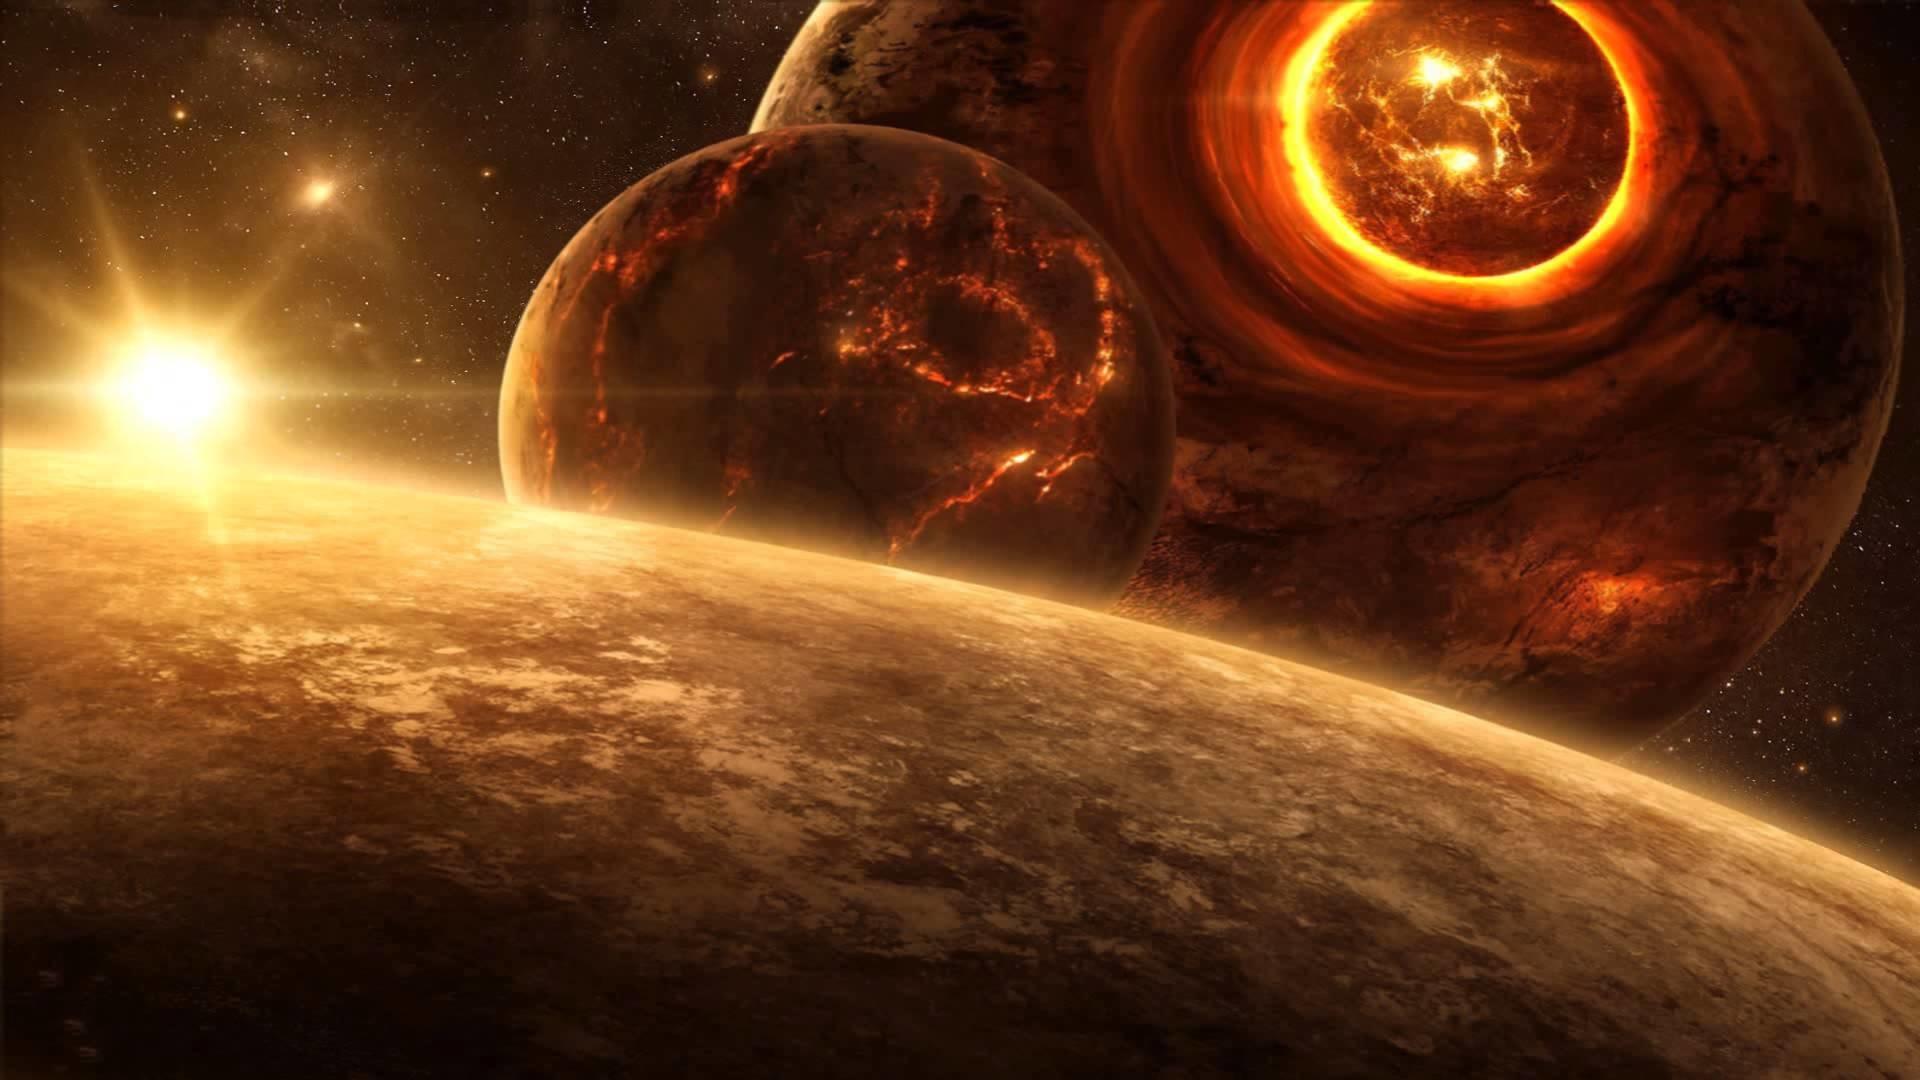 Planet Universe Animated Wallpaper https://www.desktopanimated.com